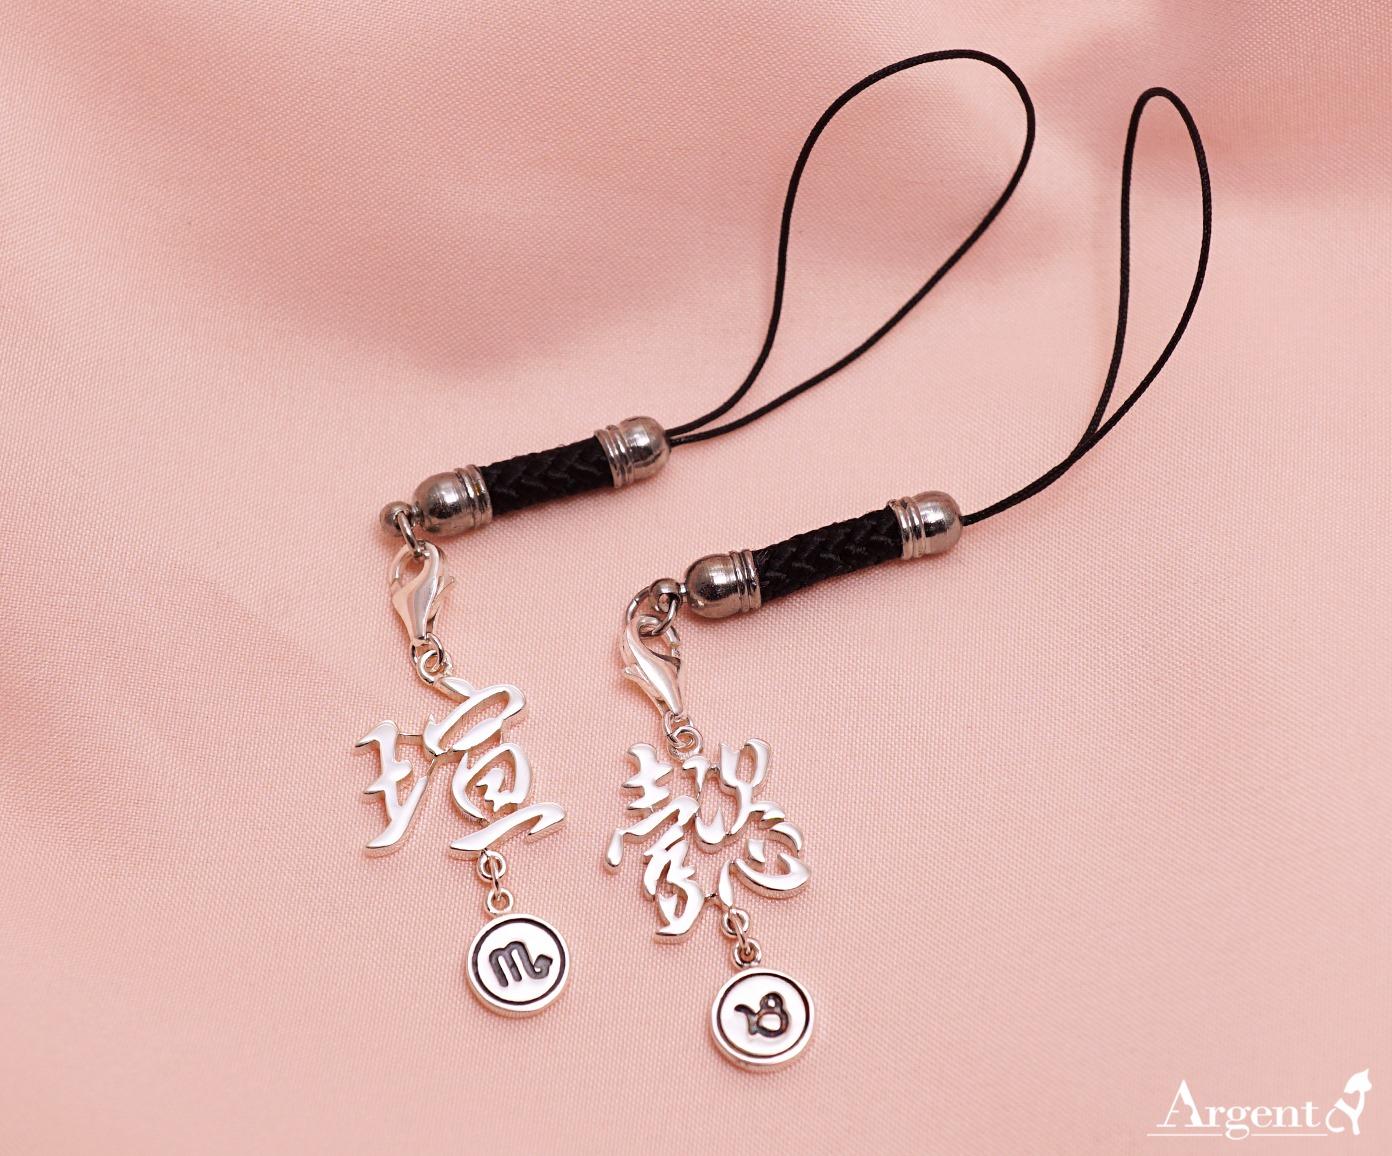 客製化吊飾|名字訂製系列-中文單字加星座牌單排款手機吊飾